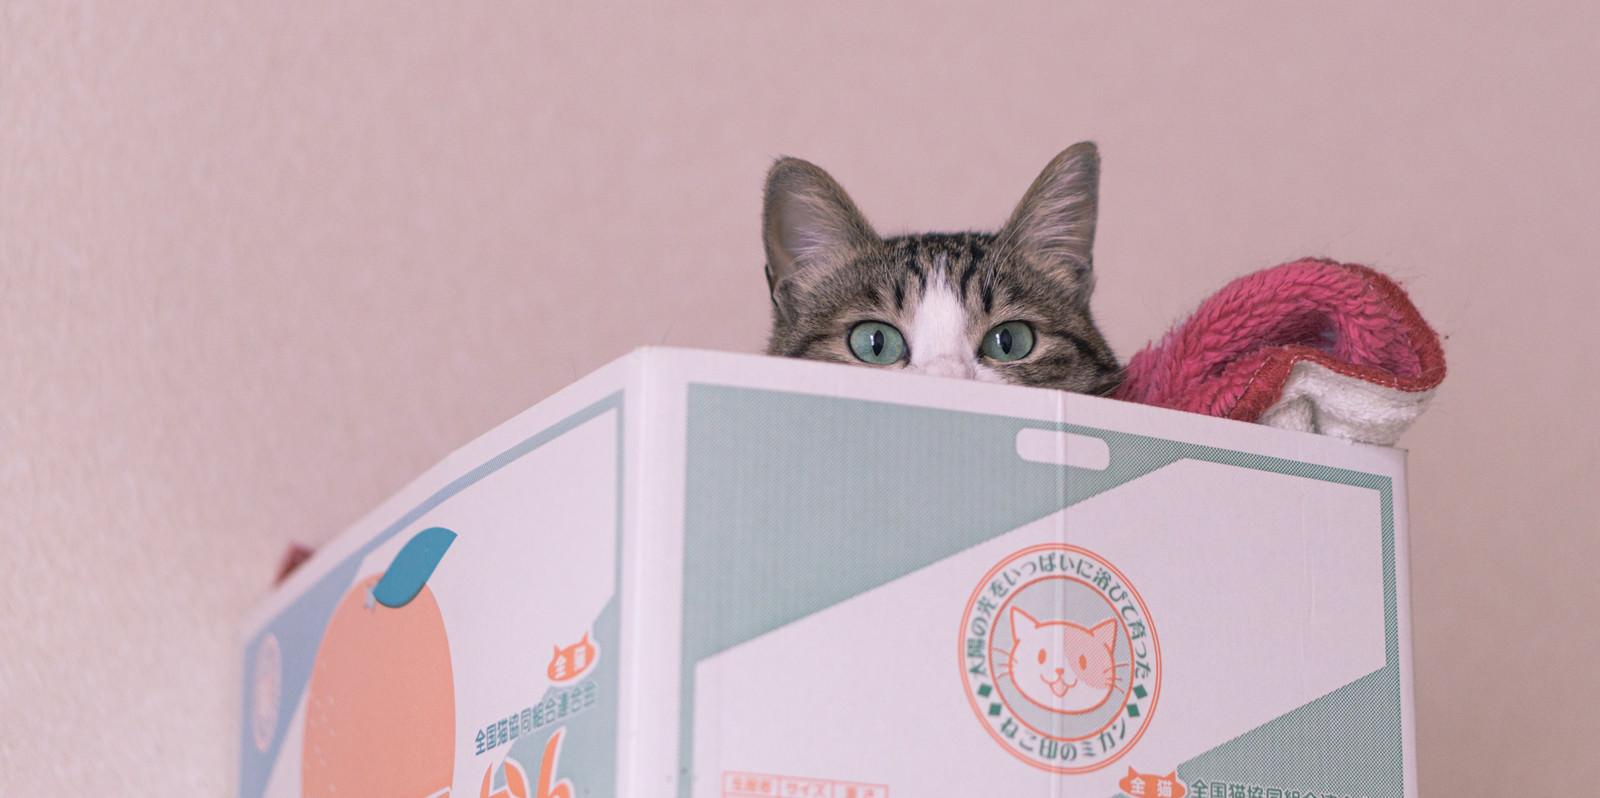 「ダンボールからこんにちは(猫)」の写真